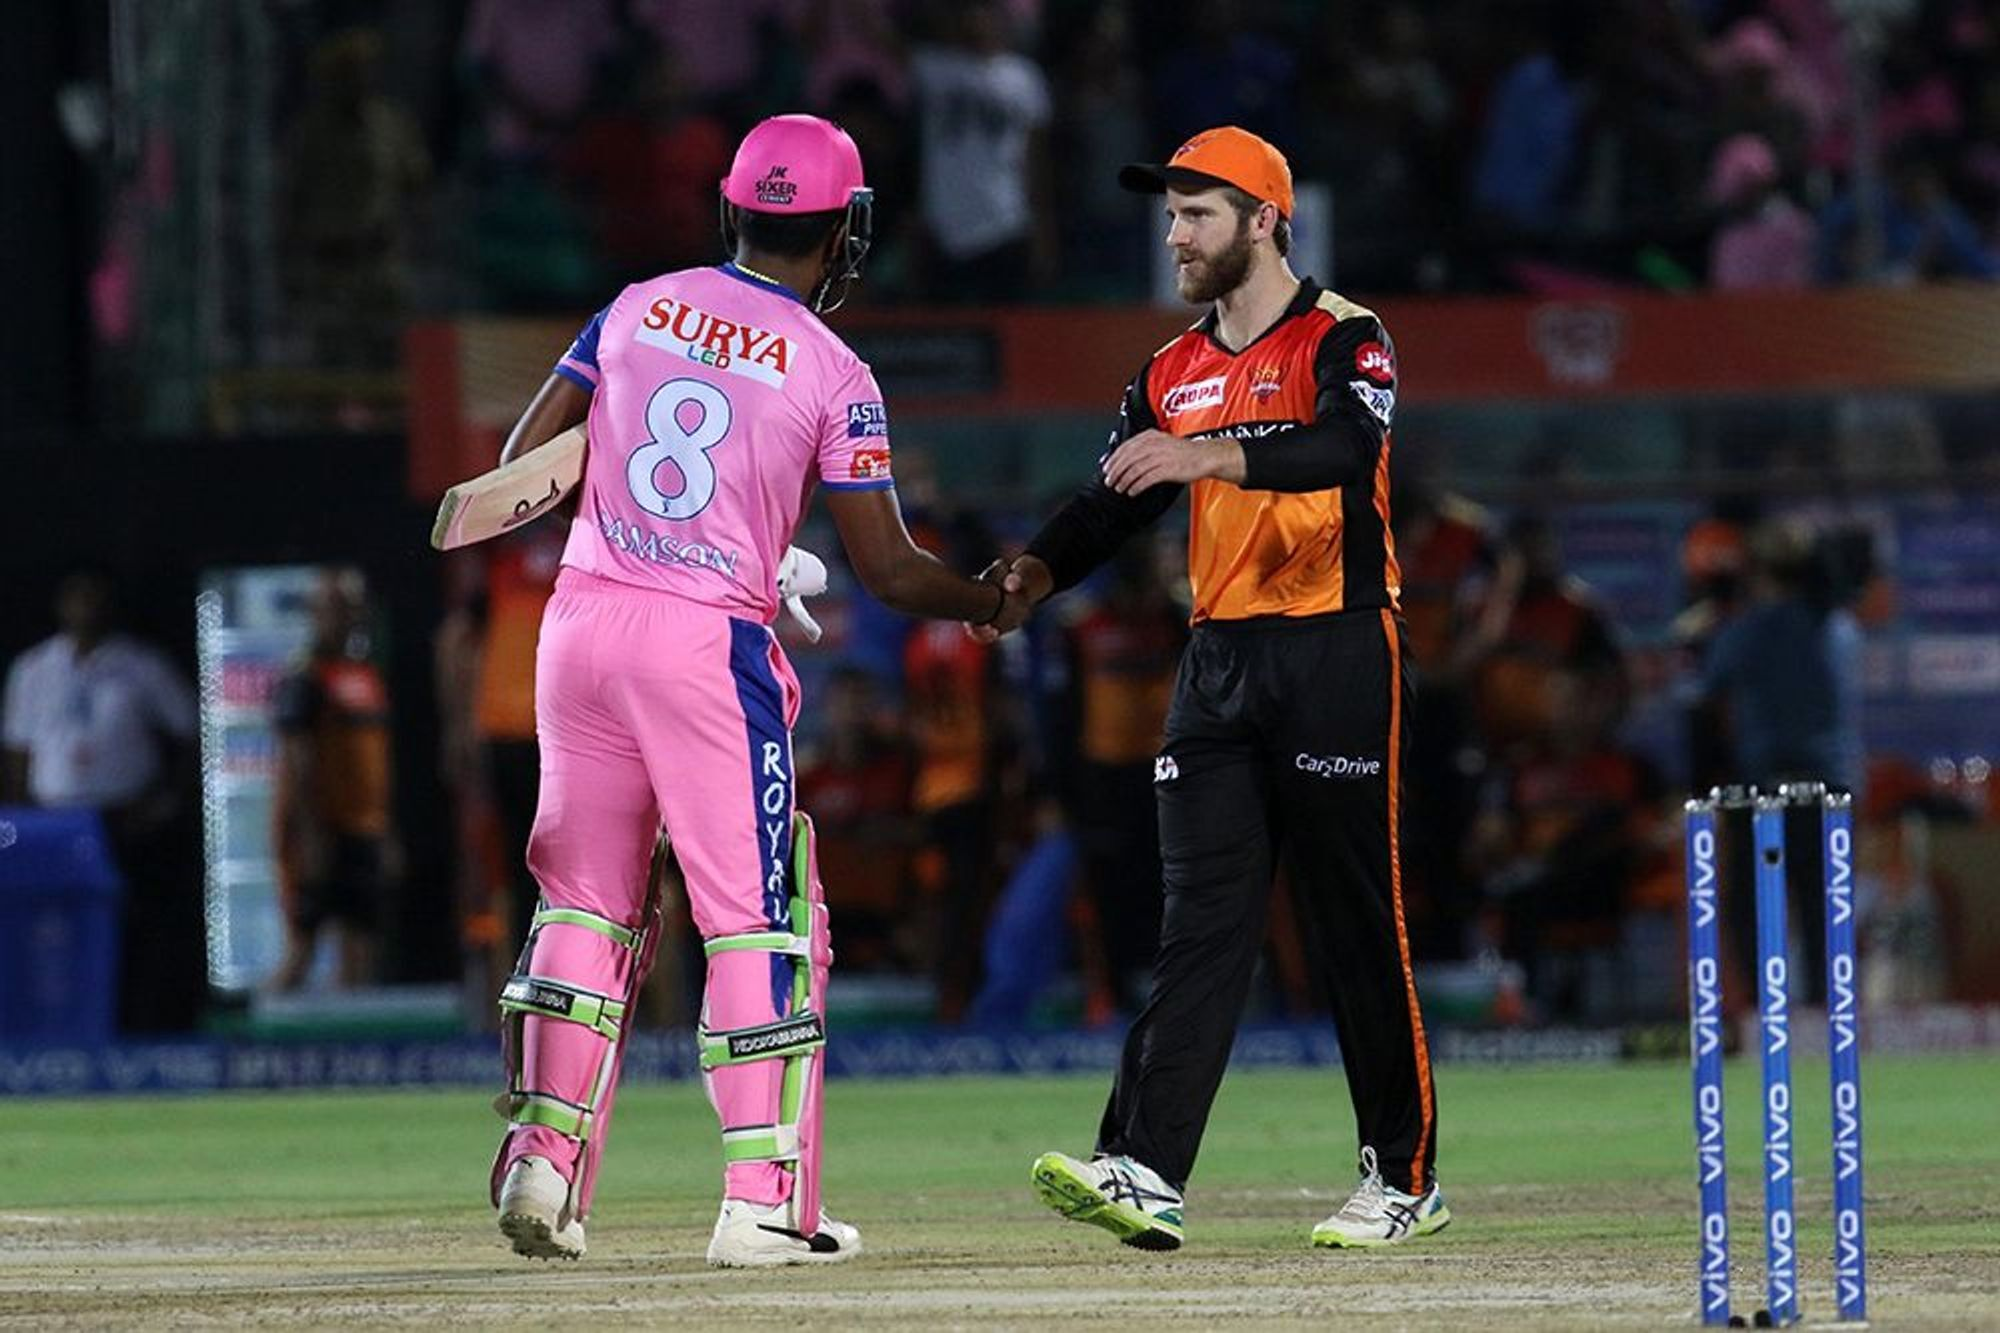 राजस्थान रॉयल्स के खिलाफ सनराइजर्स हैदराबाद की हार के ये रहे तीन प्रमुख कारण 4